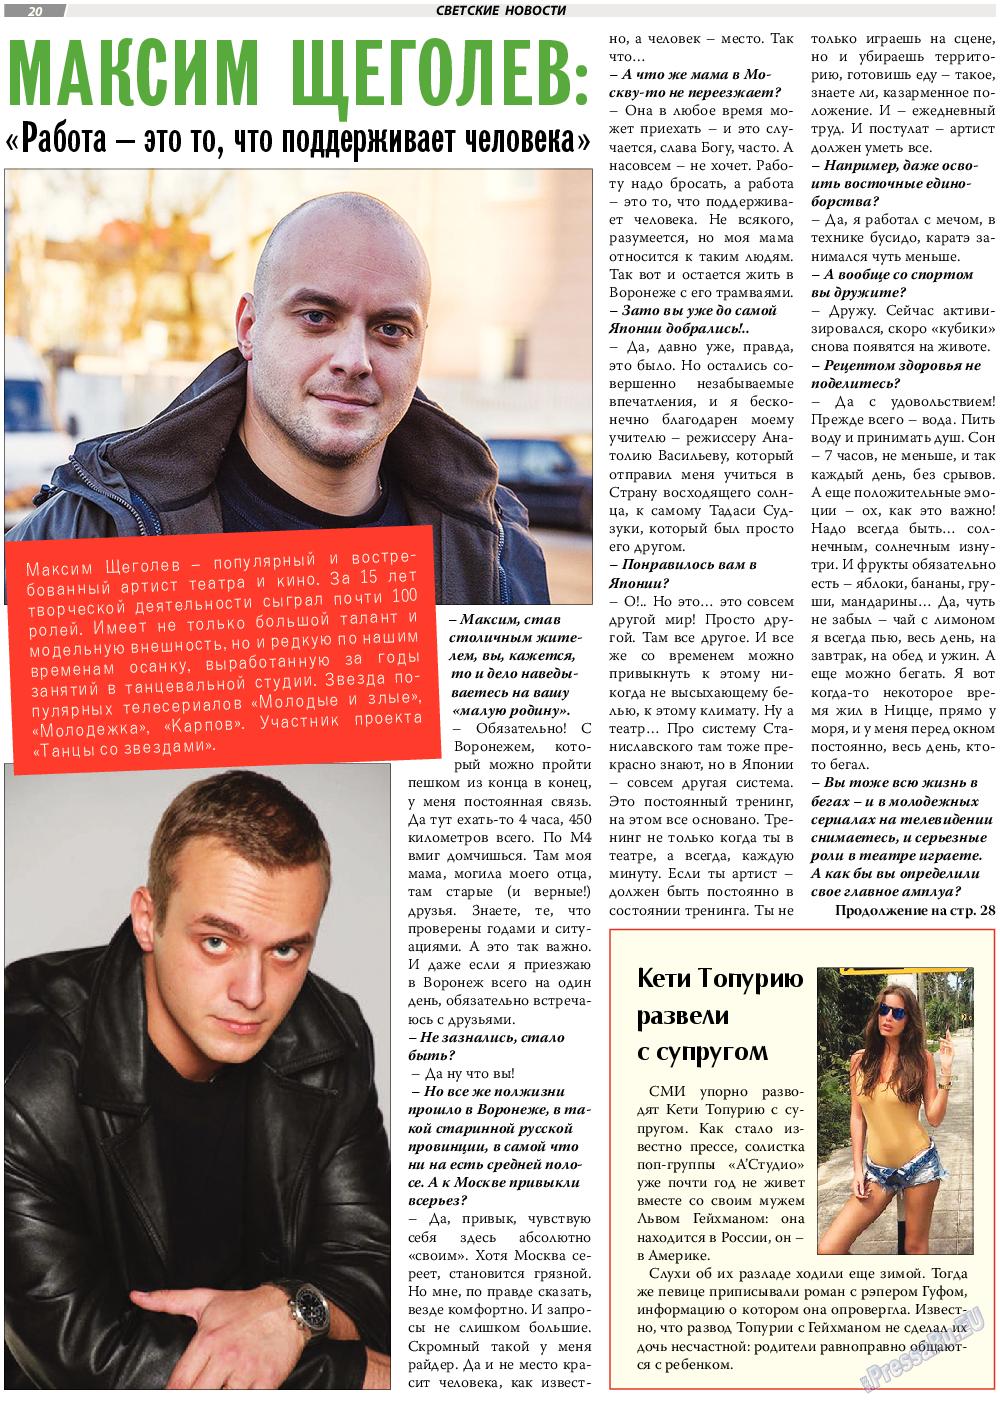 TVrus (газета). 2017 год, номер 28, стр. 20